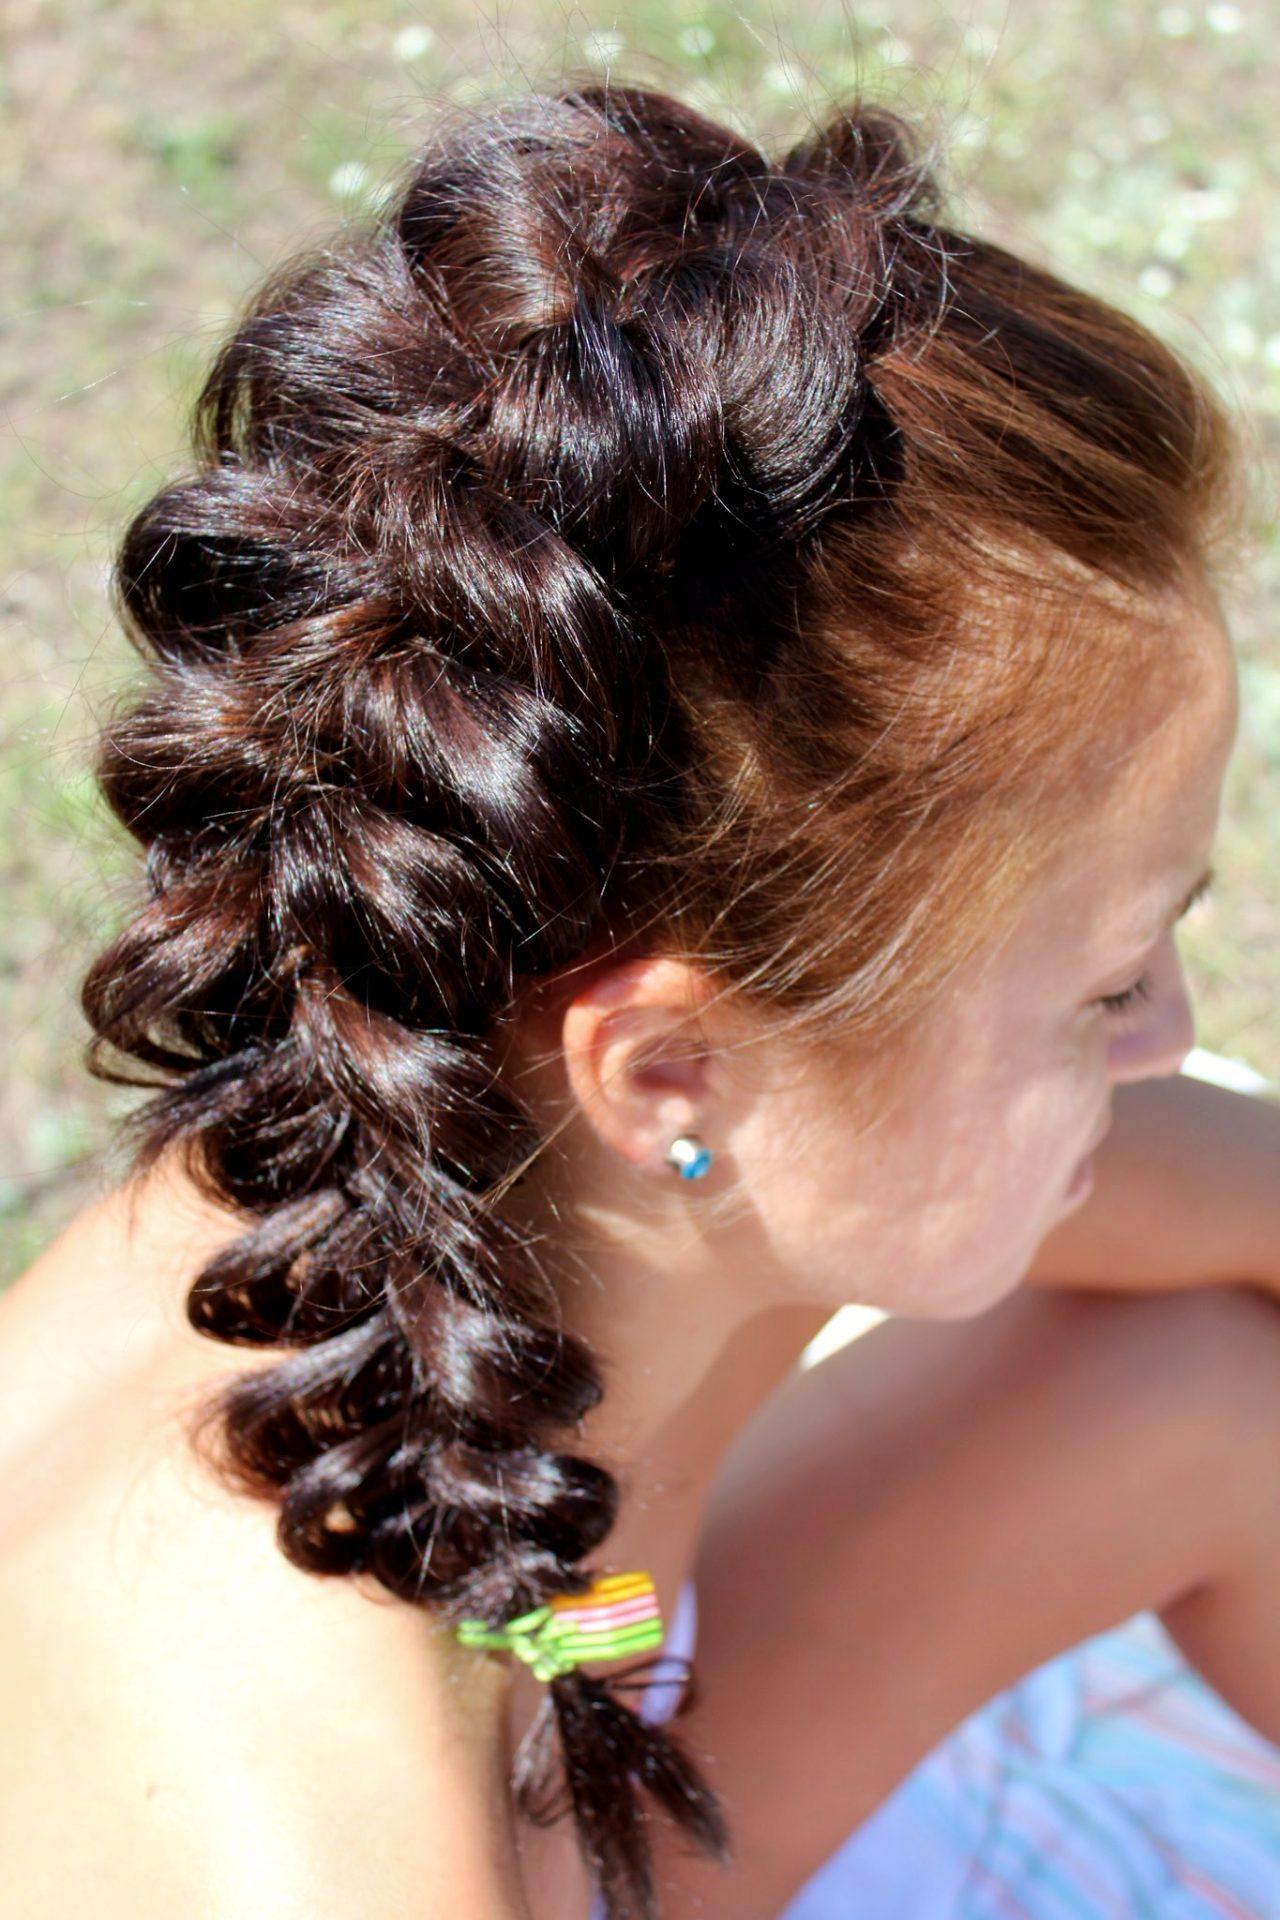 Как выглядят вывернутые косы? (20 фото)